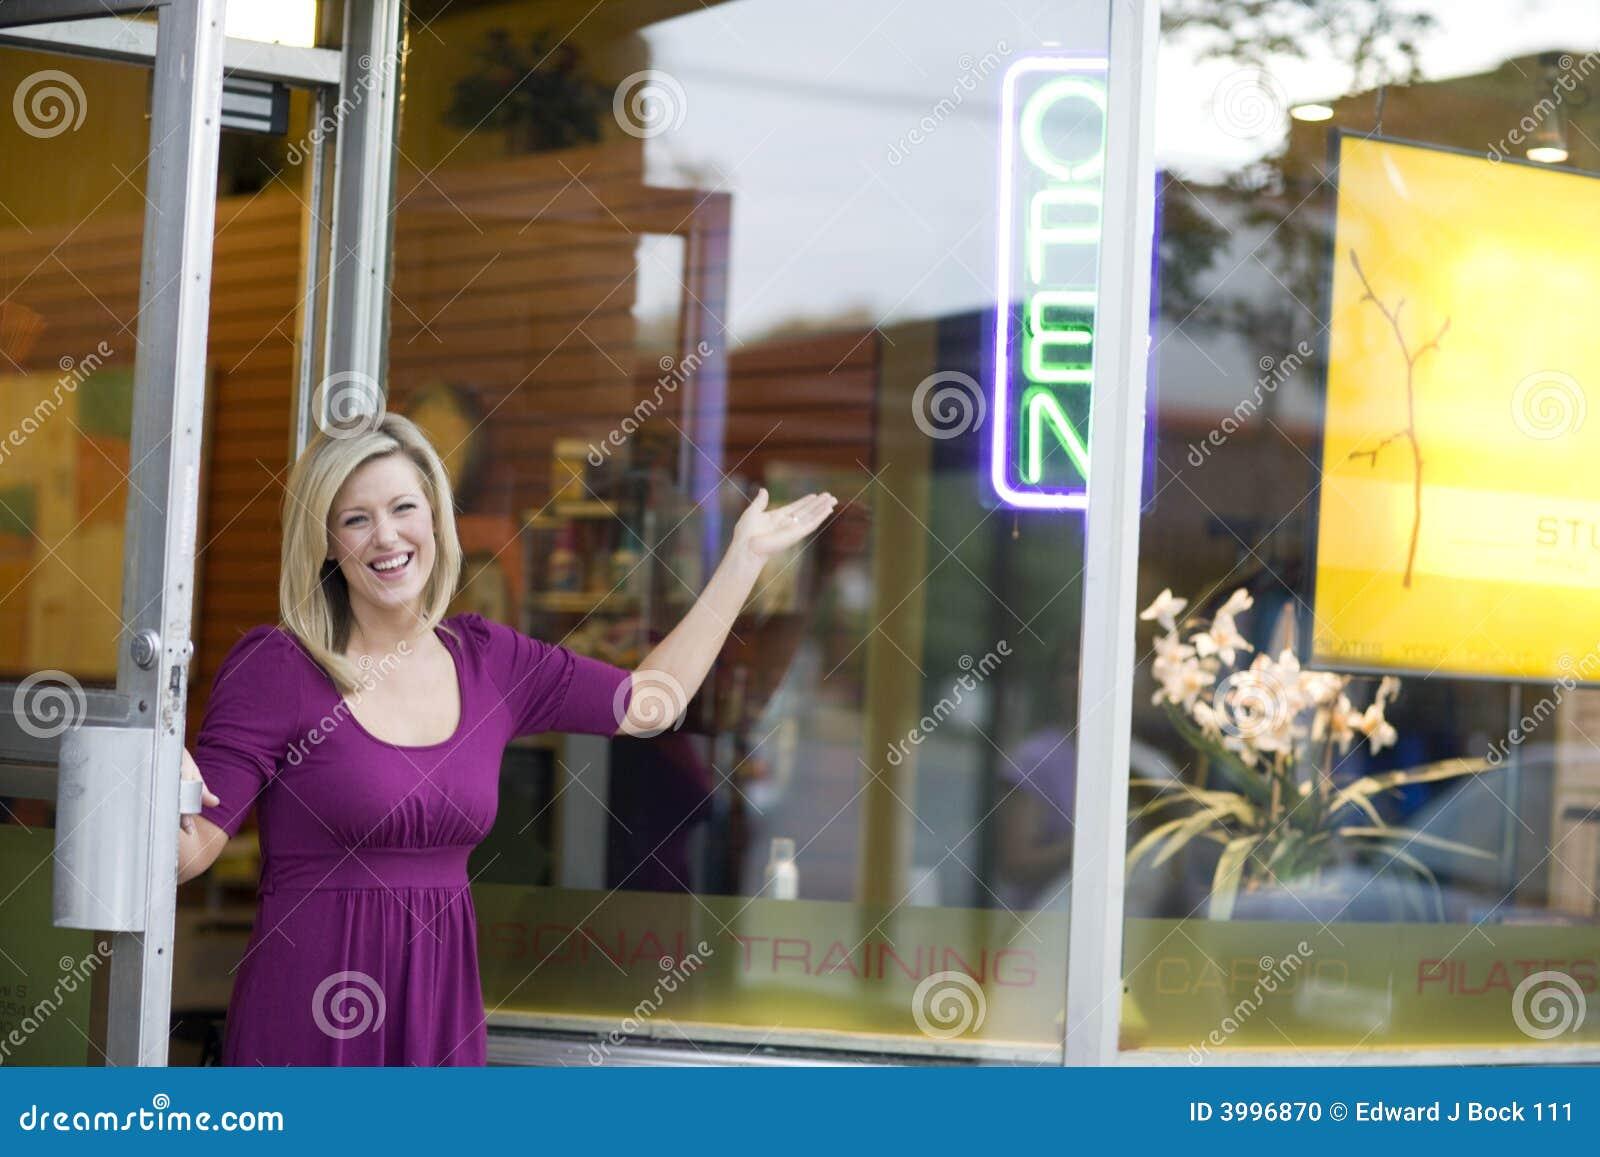 Loja de abertura do proprietário empresarial